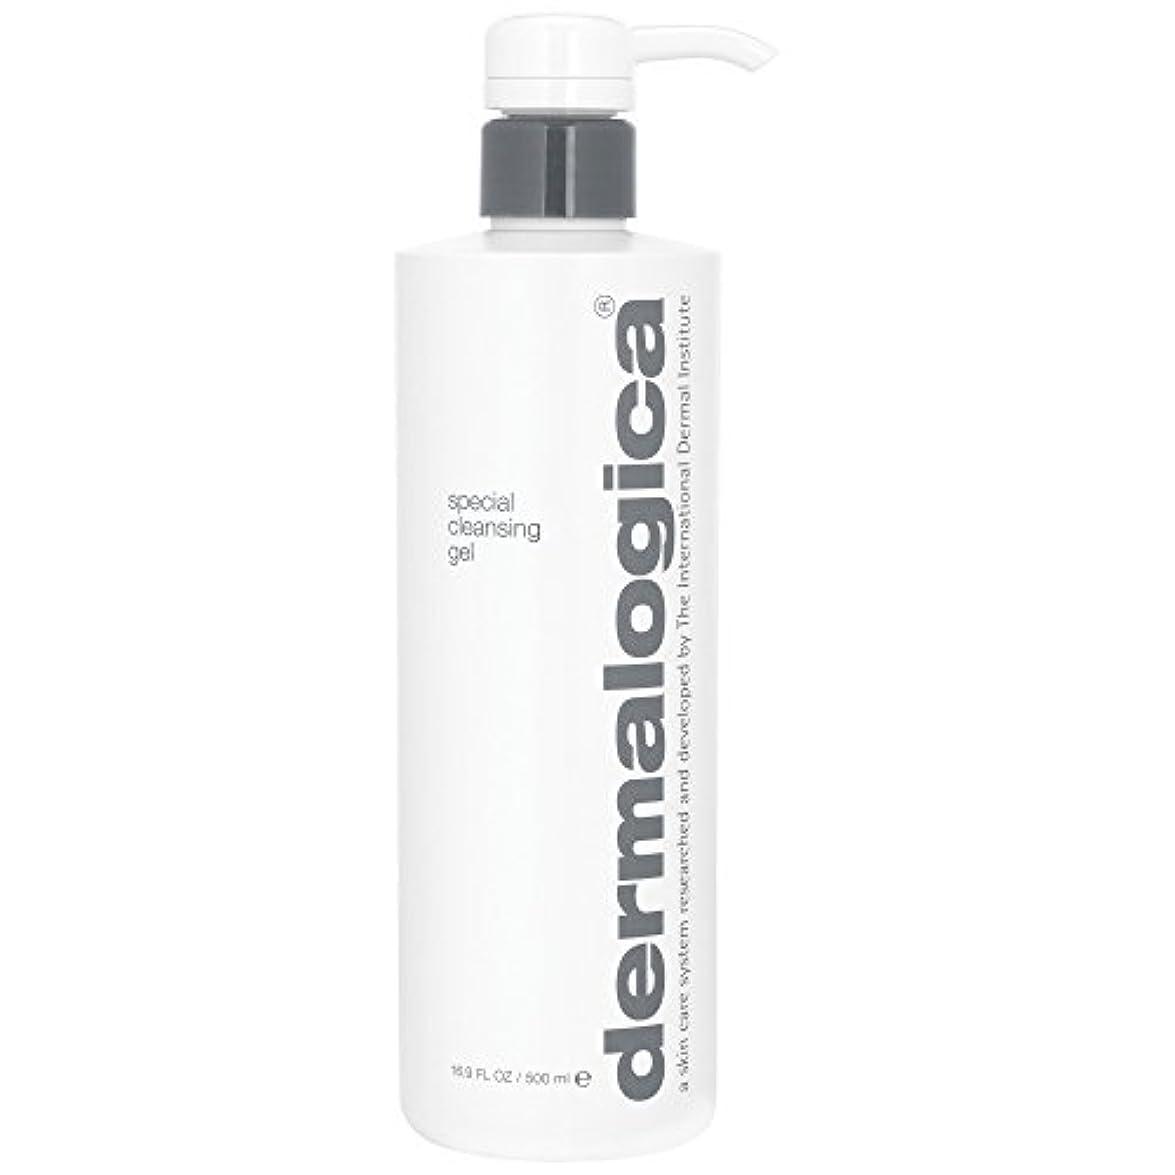 満足できる再開航空便ダーマロジカ特別なクレンジングゲル500ミリリットル (Dermalogica) (x6) - Dermalogica Special Cleansing Gel 500ml (Pack of 6) [並行輸入品]